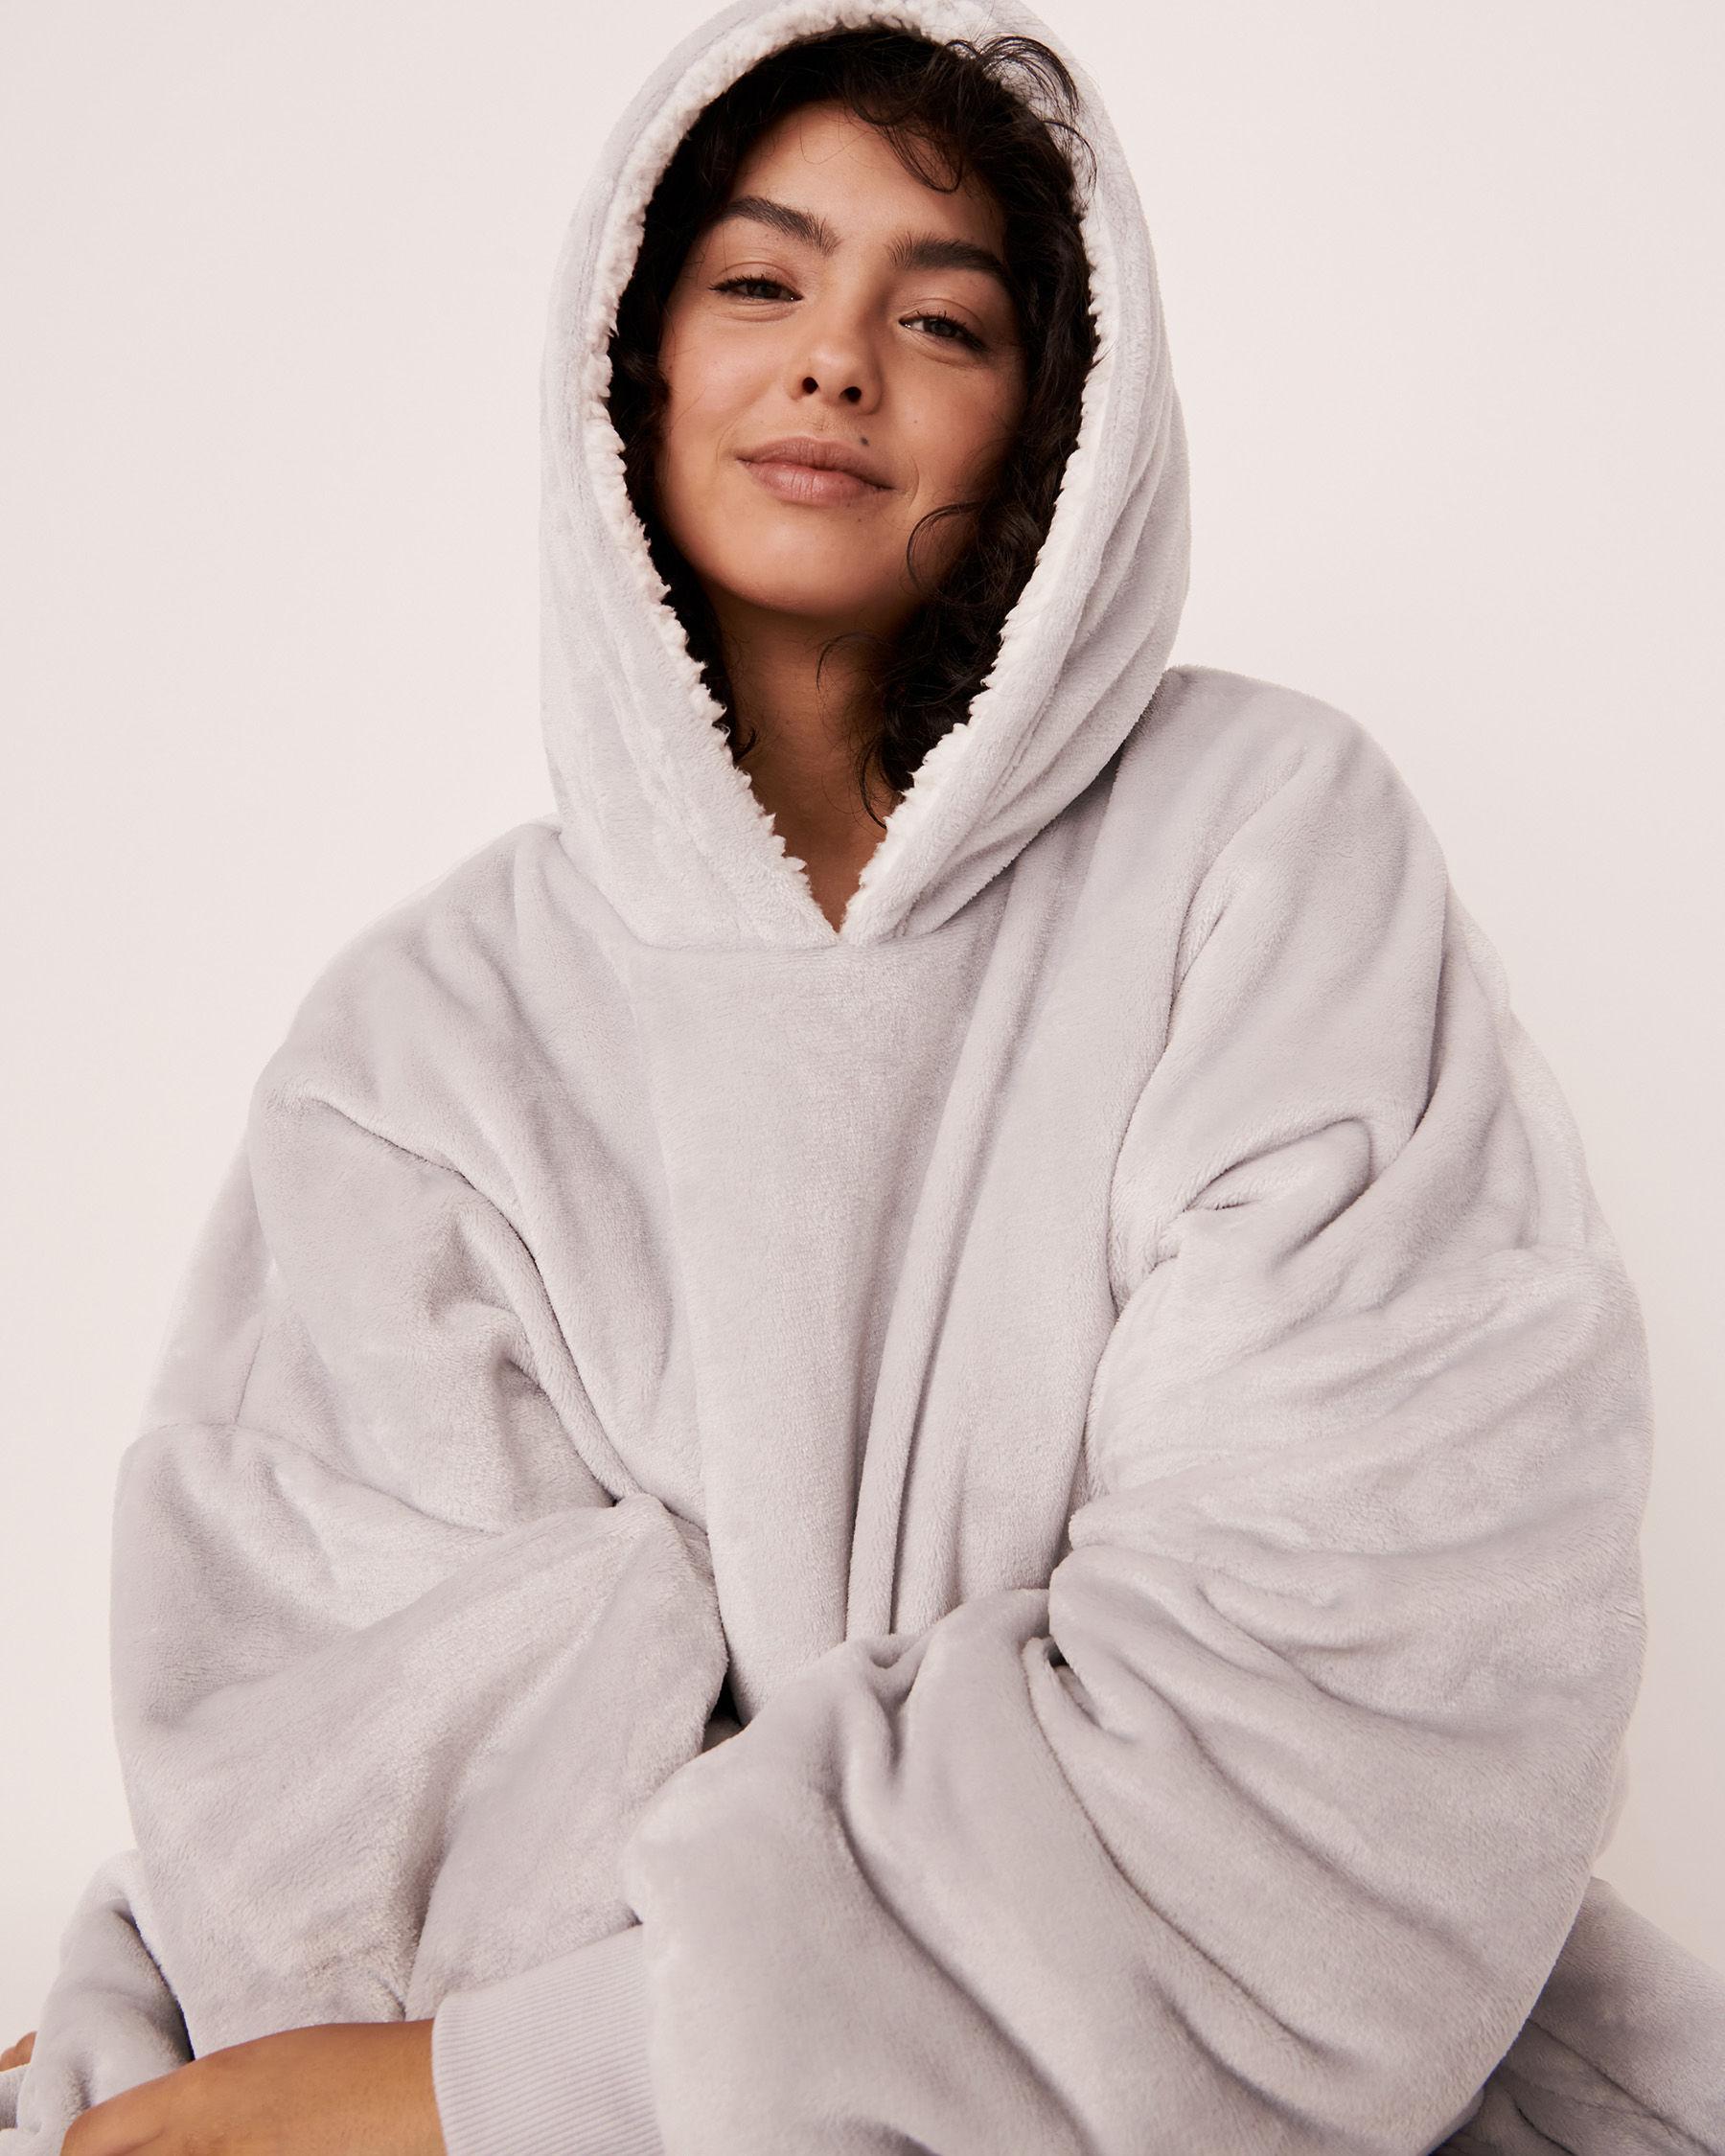 LA VIE EN ROSE Oversized Hoodie Grey 40700073 - View1